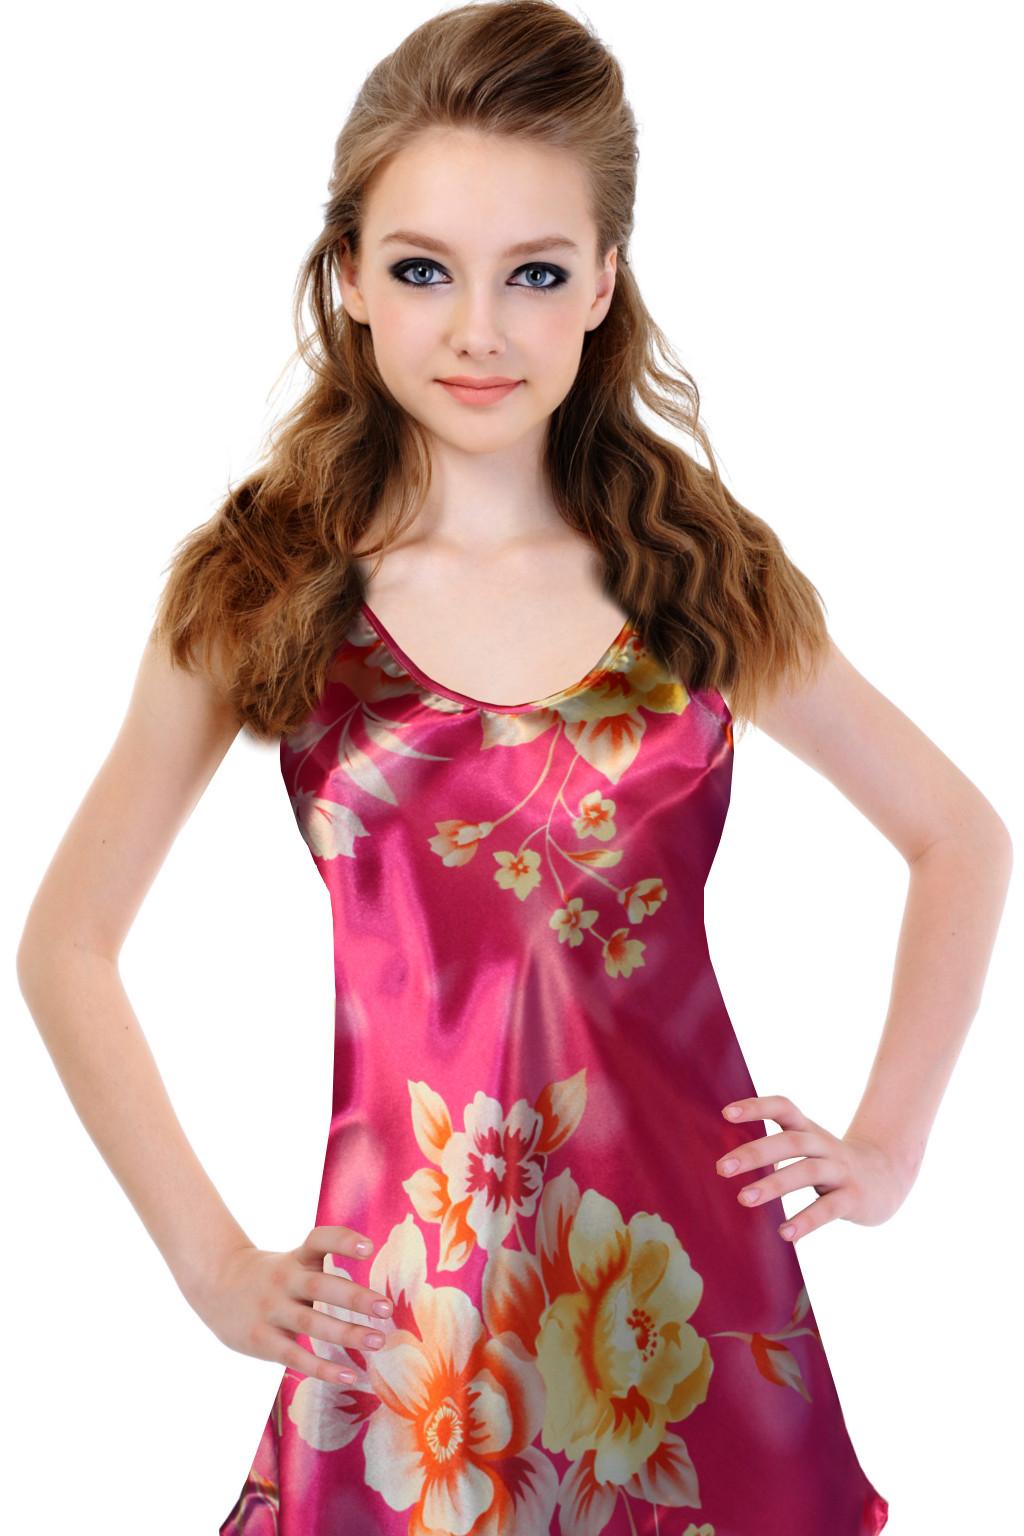 Frances saténová košilka XL růžová